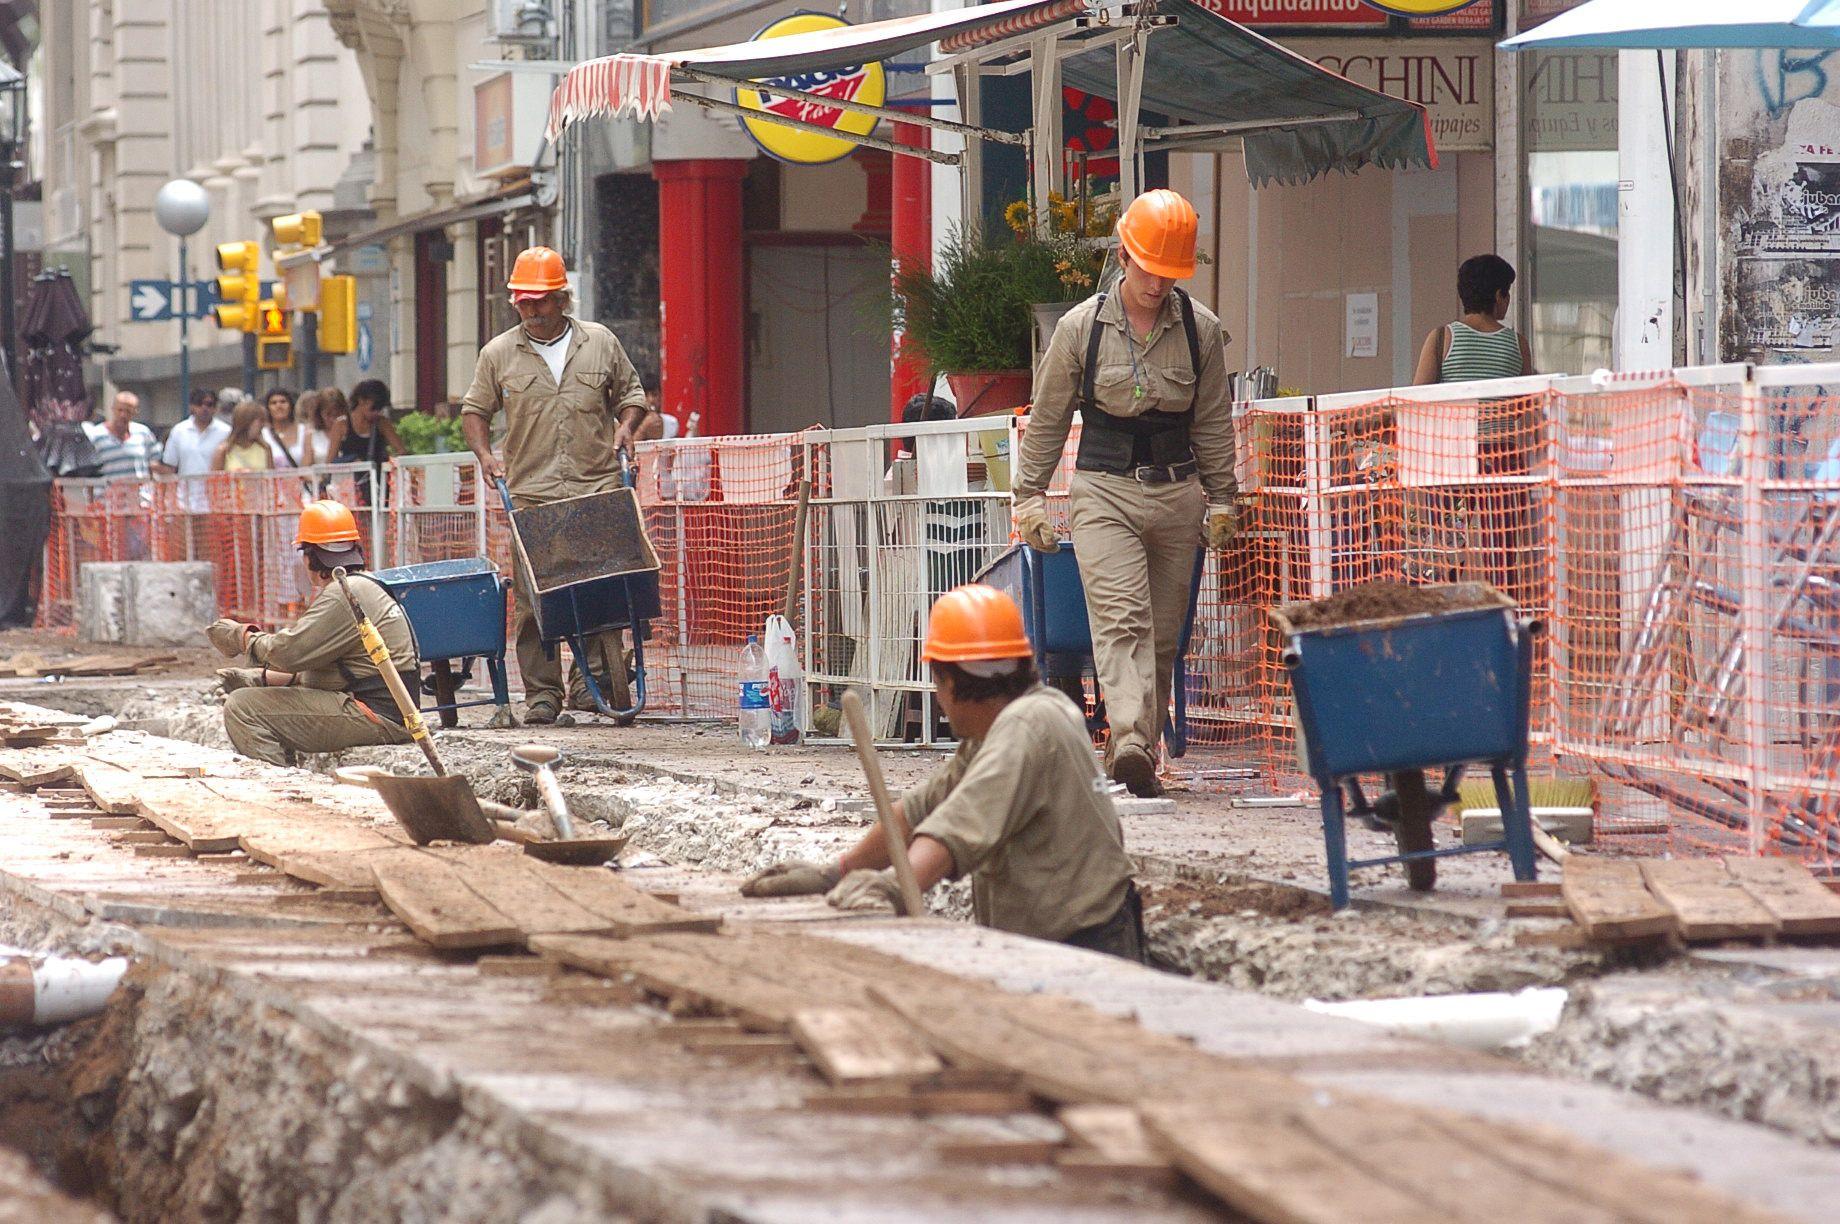 A principios de la semana próxima comenzarán los trabajos de la EPE  en la peatonal Córdoba.